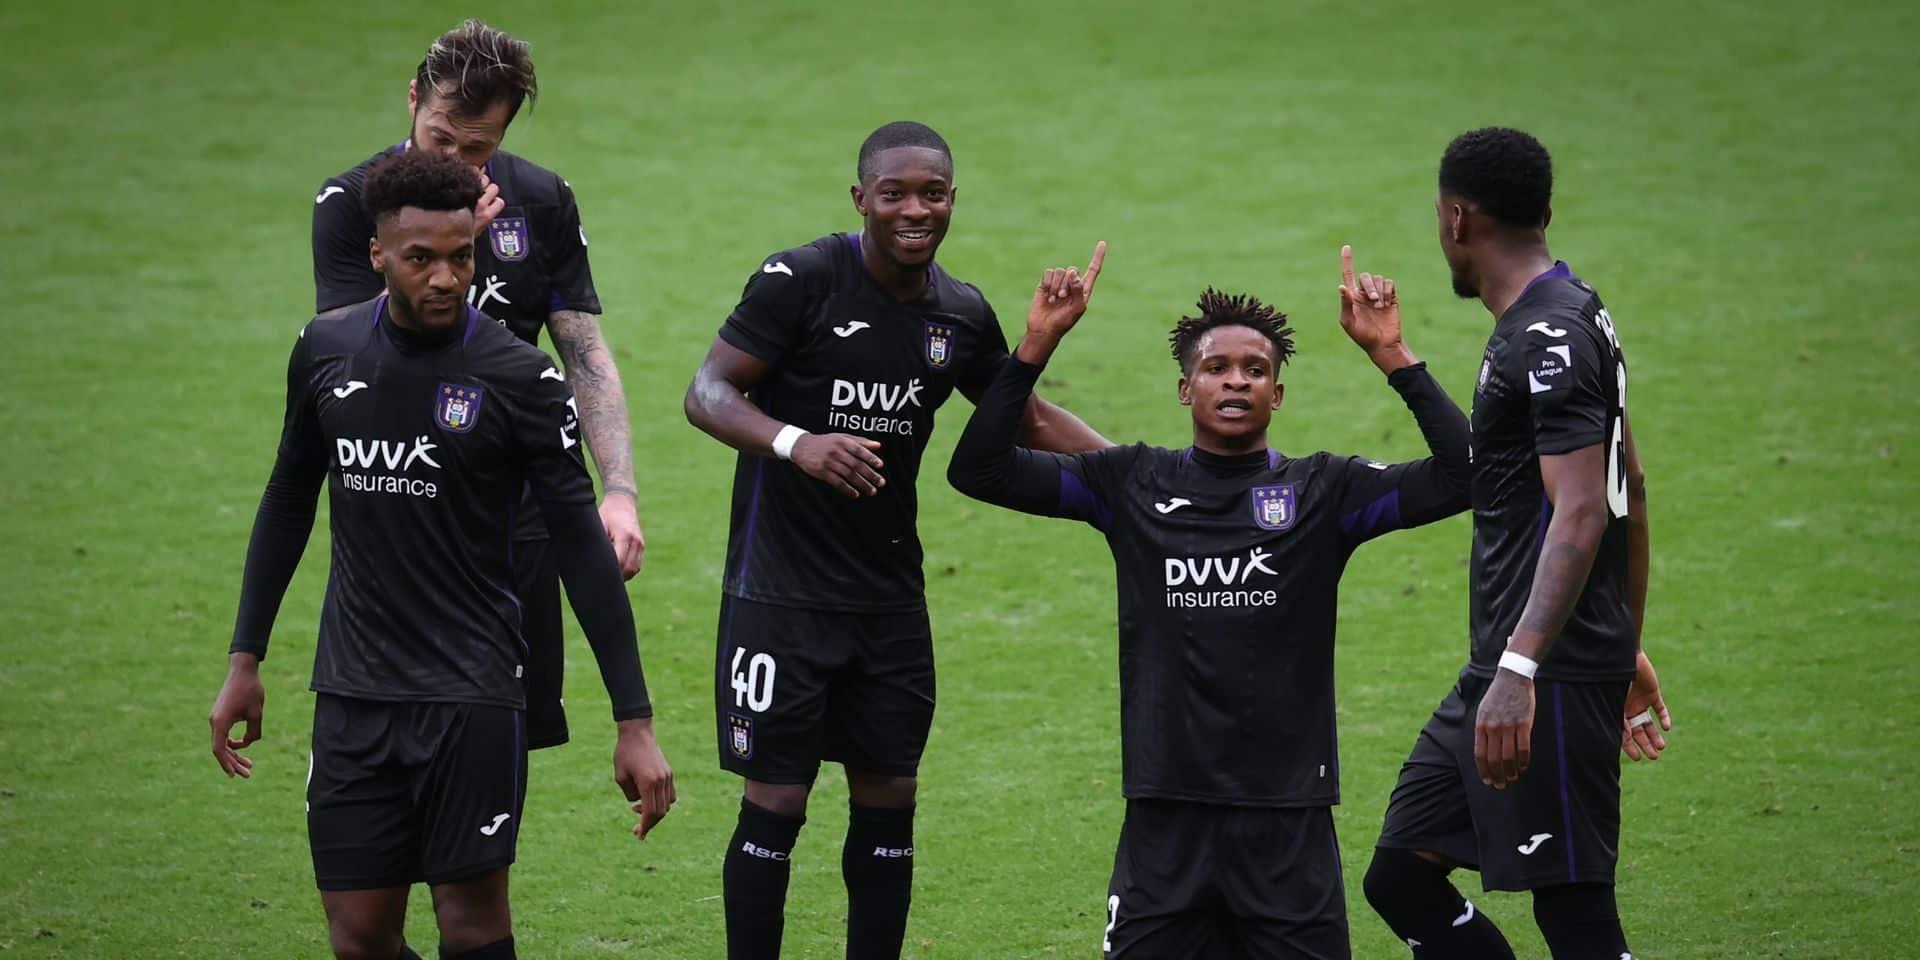 Solide défensivement, Anderlecht bat un bon Antwerp grâce à un beau but de Mukairu (1-0)